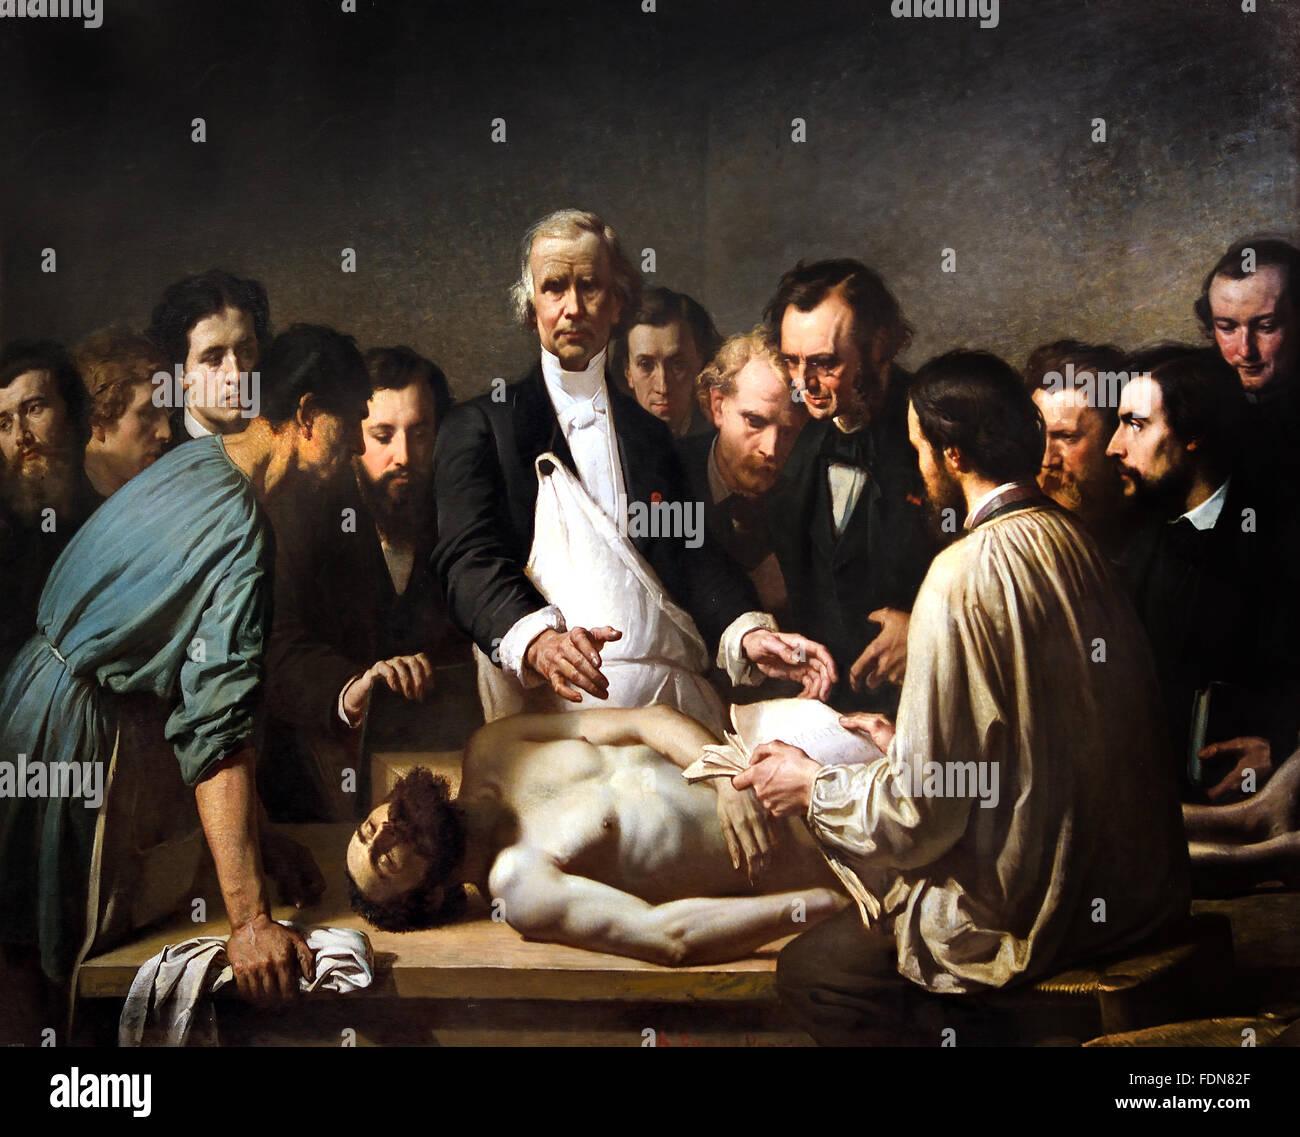 Velpeau llevará a cabo la autopsia de un cadáver en el hospital ...